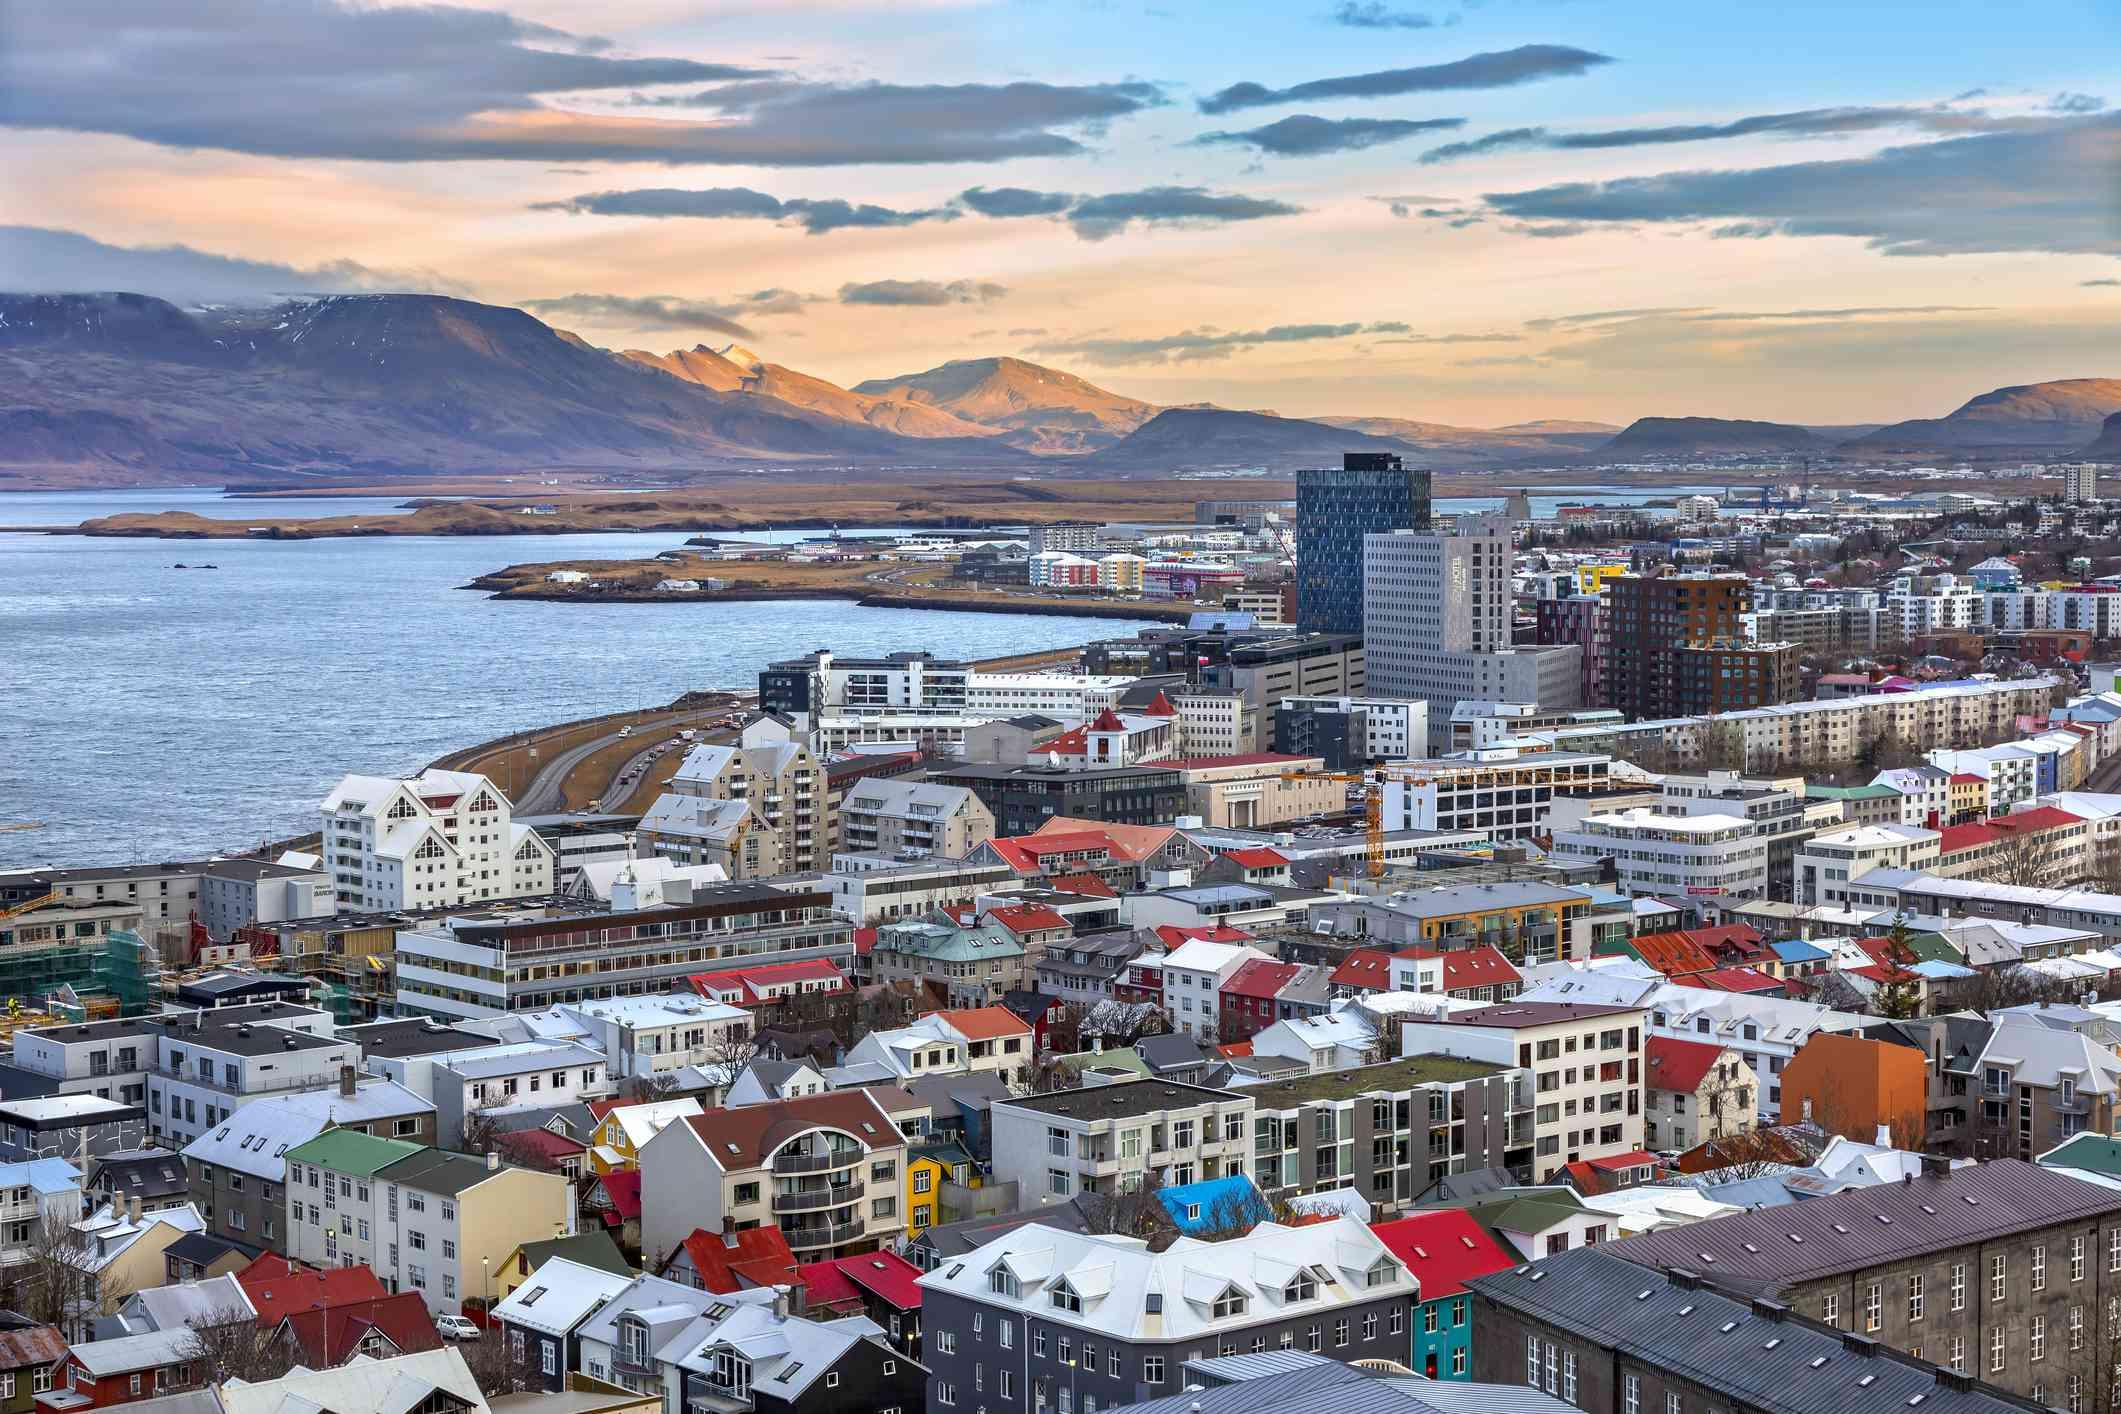 Reykjavik, Iceland skyline